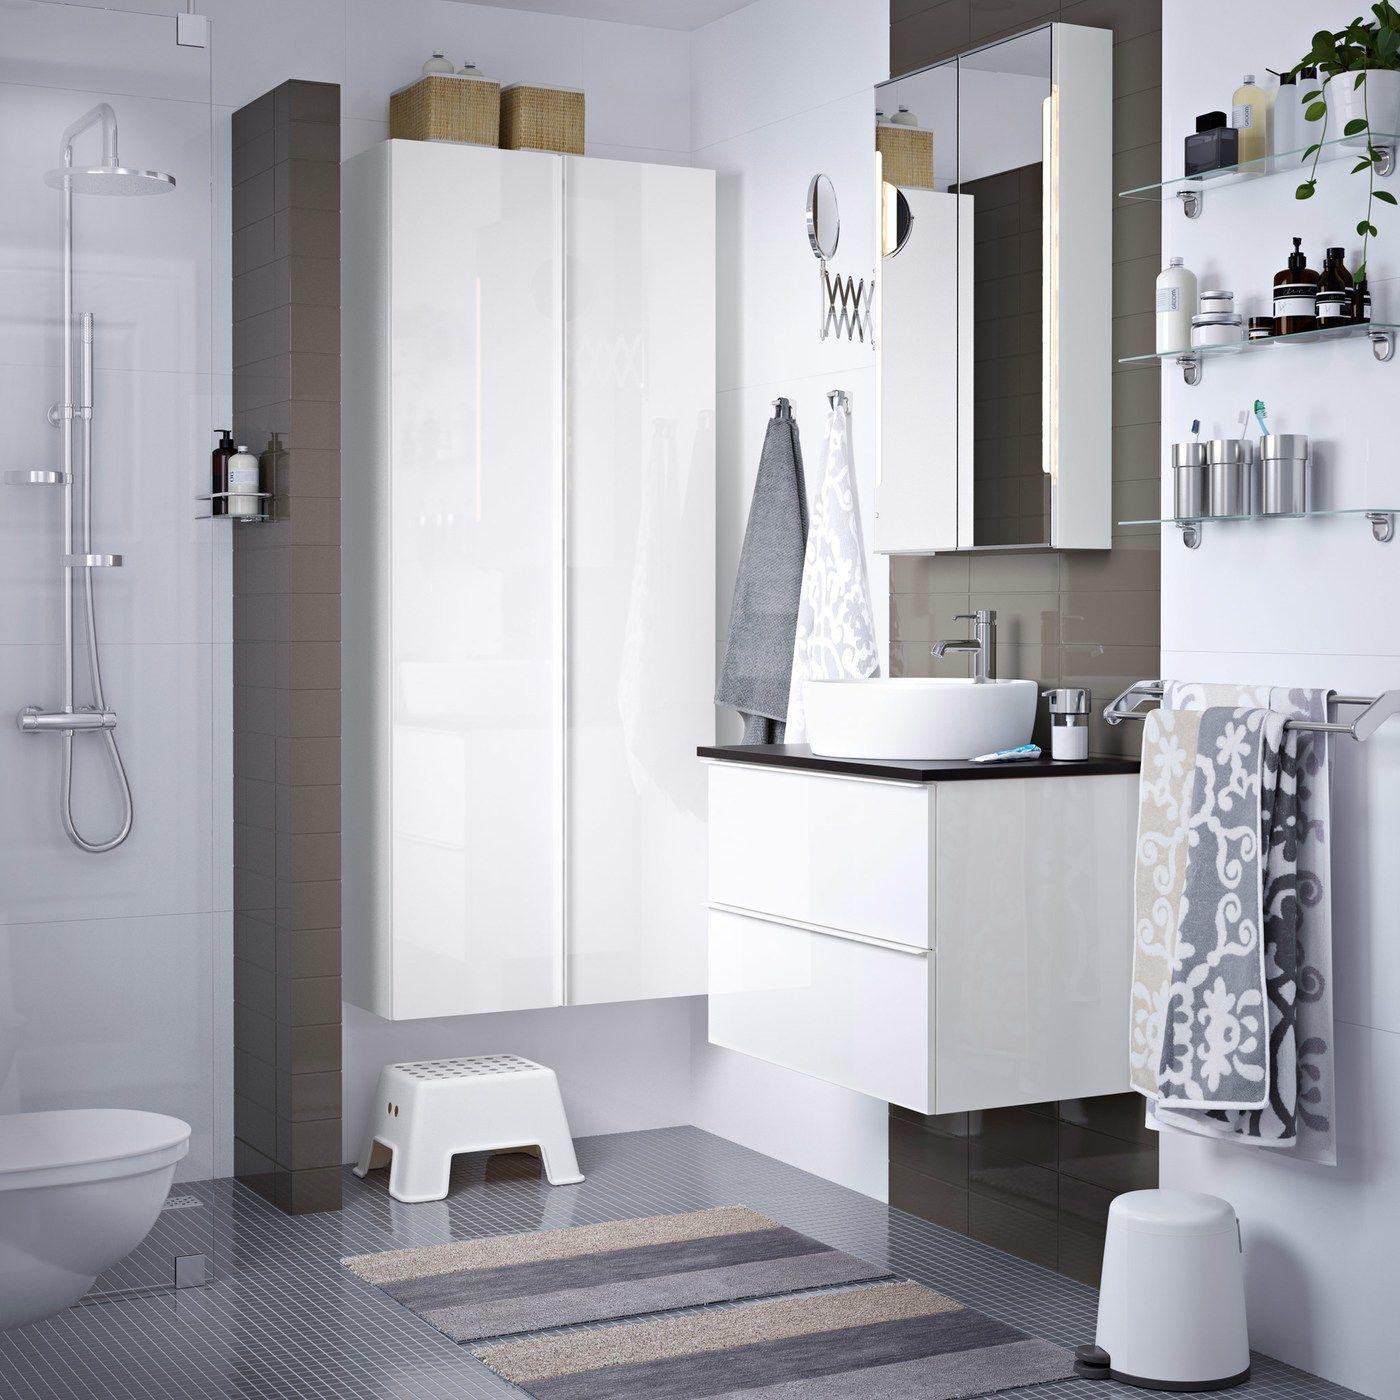 Endlich Ein Gut Organisiertes Badezimmer